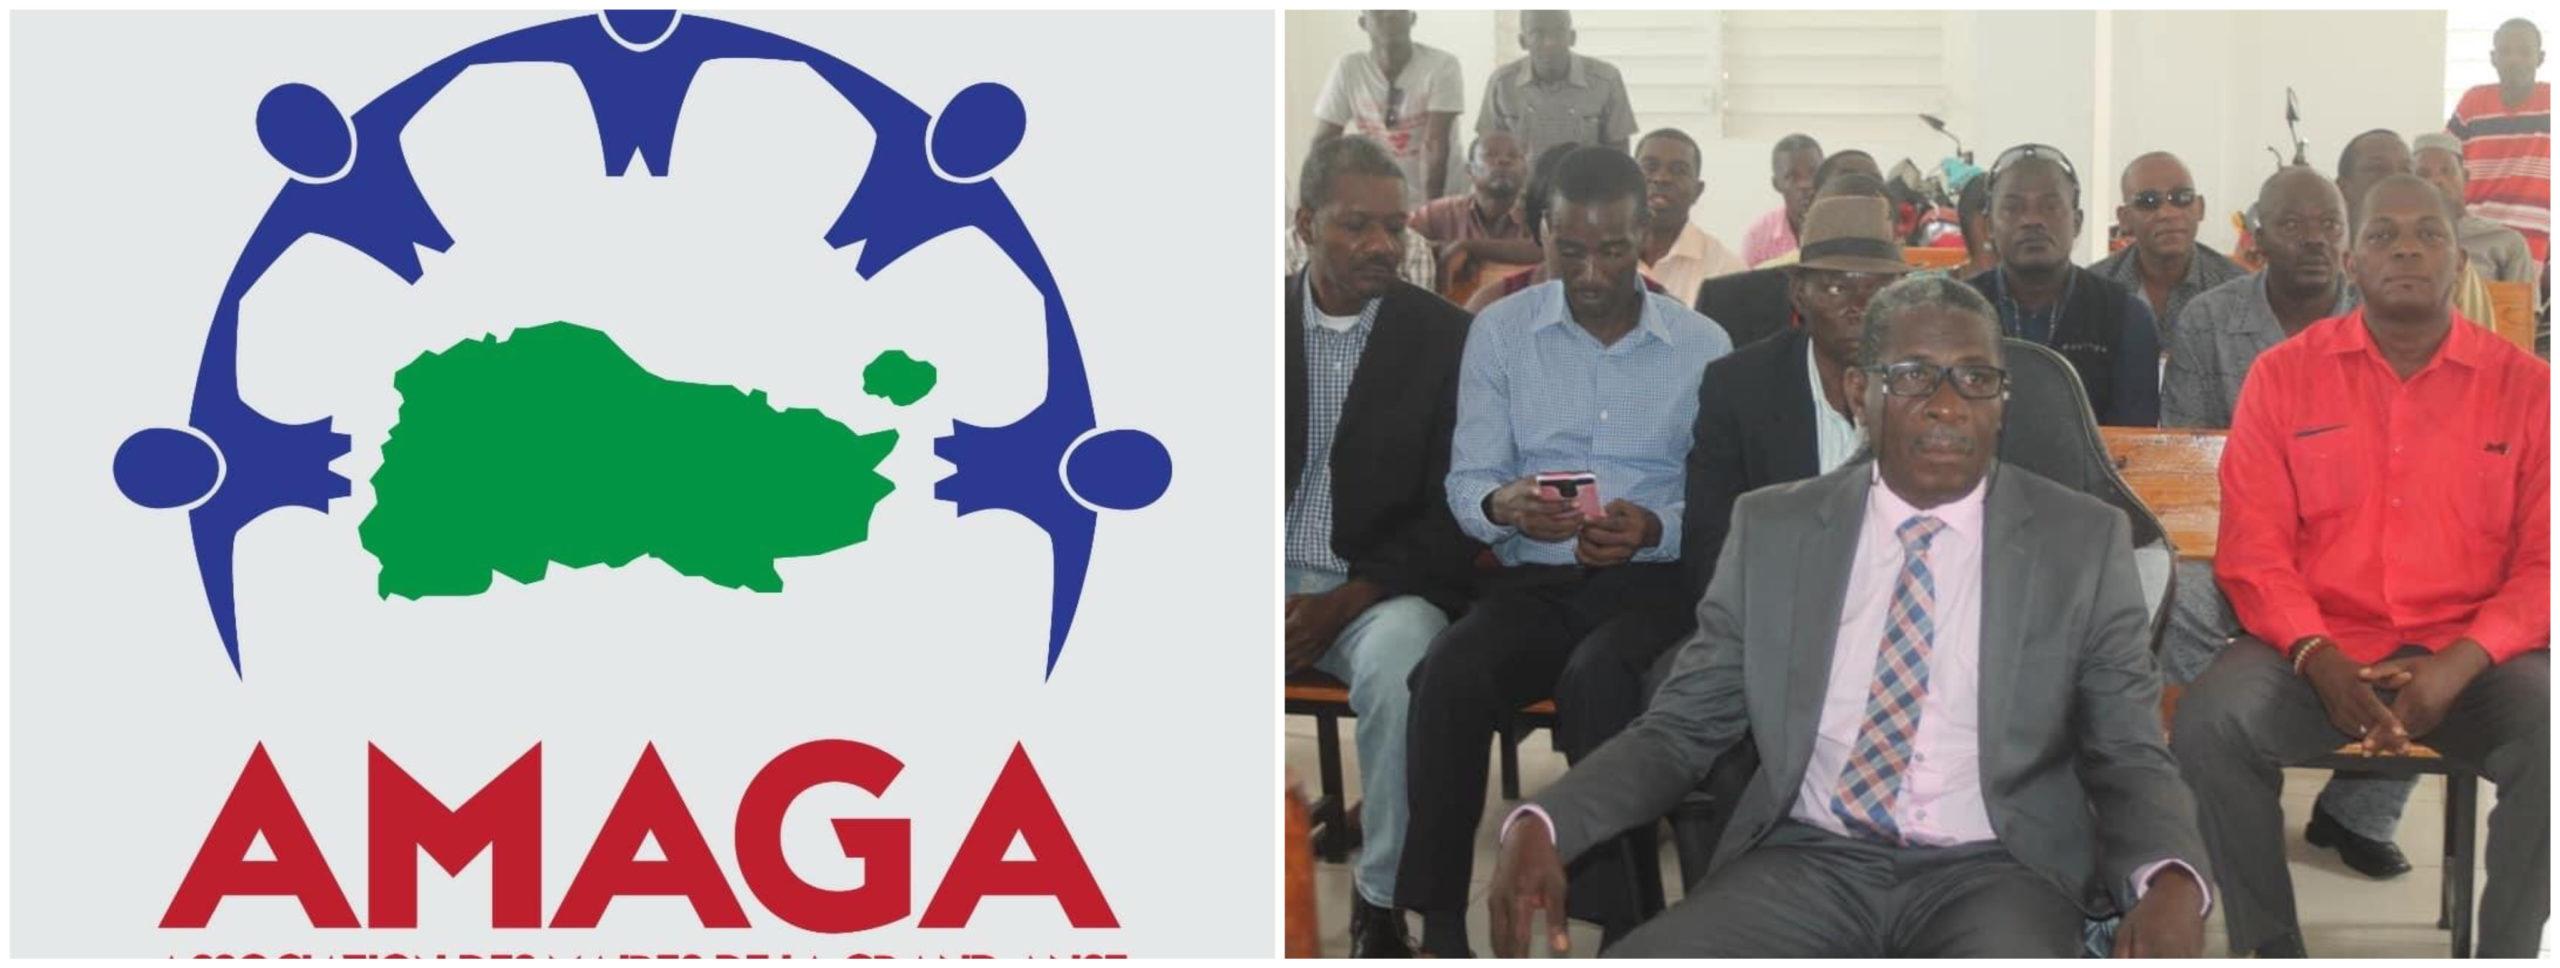 L'AMAGA Interdit le transport interdépartemental à l'insu du délégué départemental